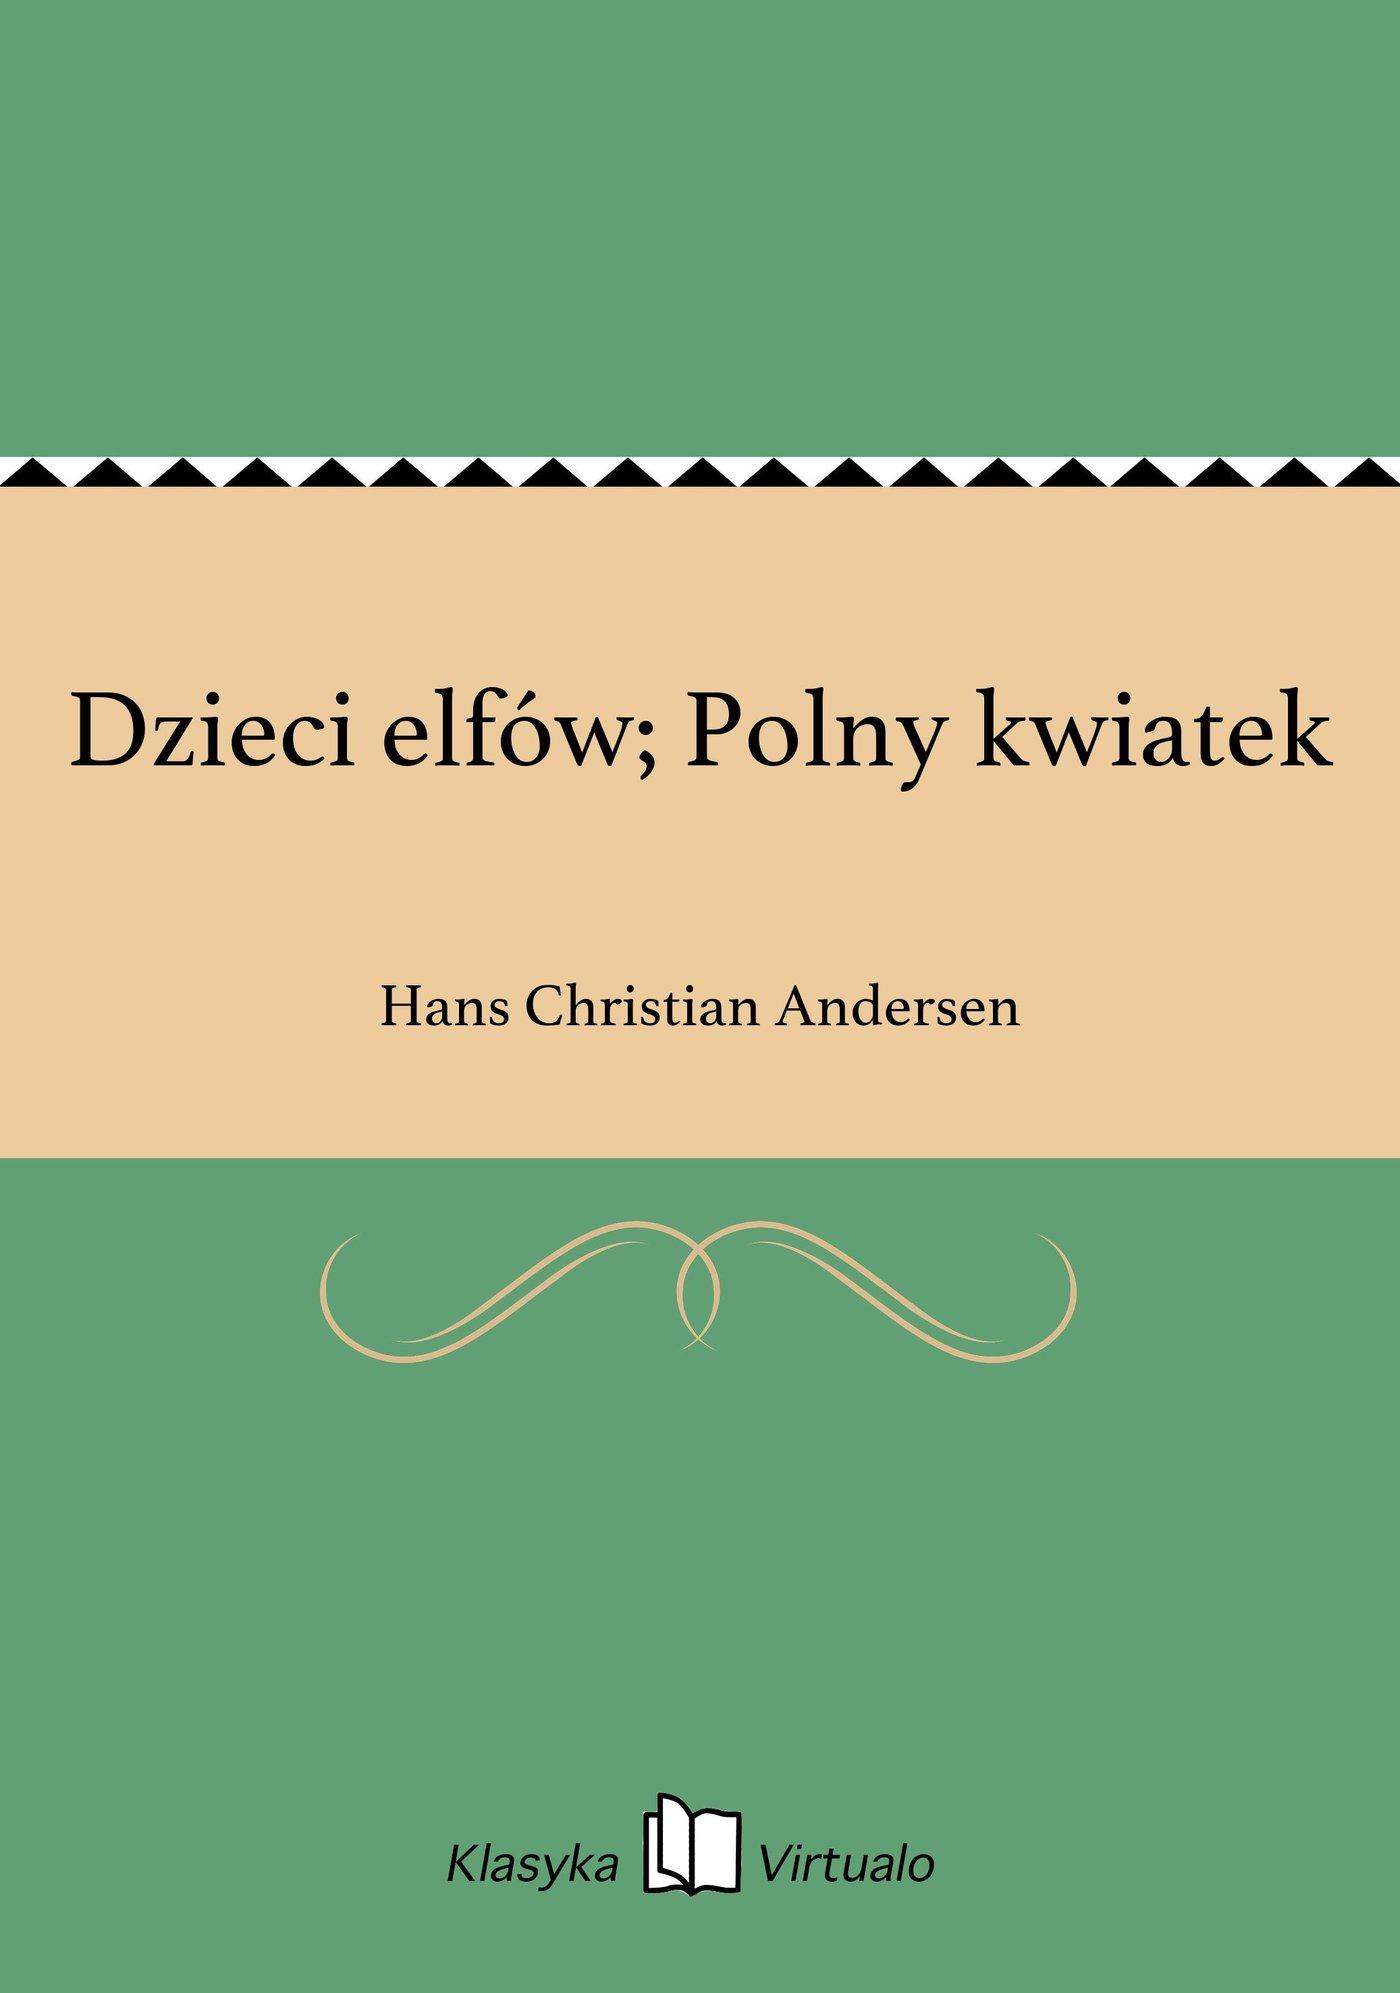 Dzieci elfów; Polny kwiatek - Ebook (Książka EPUB) do pobrania w formacie EPUB